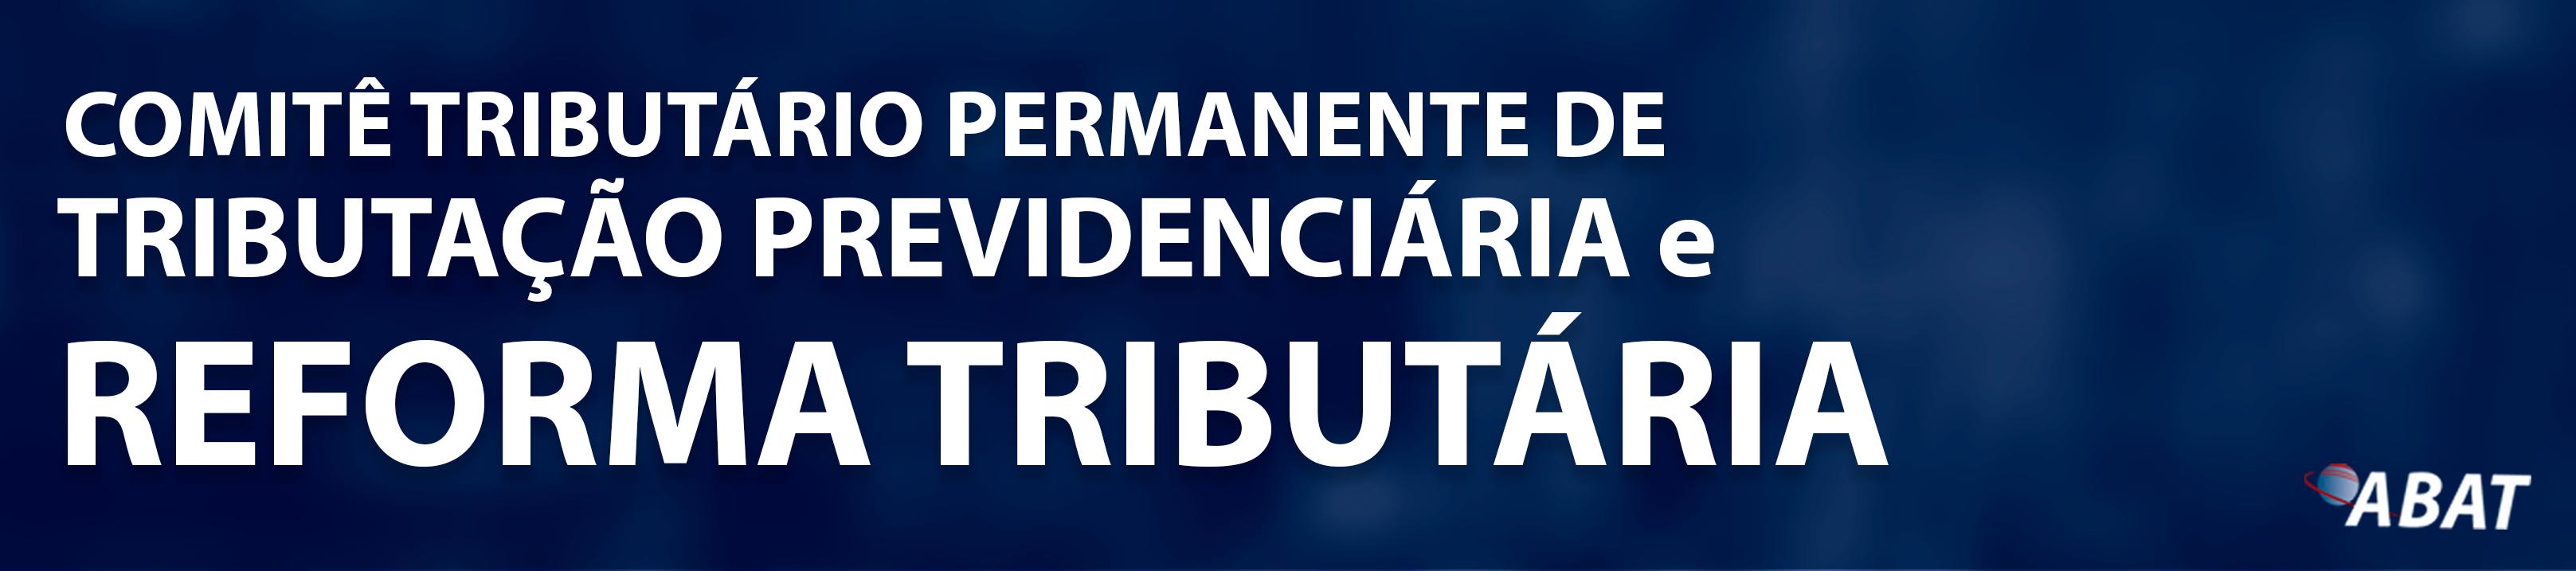 BANNER-COMITÊ-TRIBUTÁRIO-PERMANENTE-DE-TRIBUTAÇÃO-PREVIDENCIÁRIA-E-REFORMA-TRIBUTÁRIA